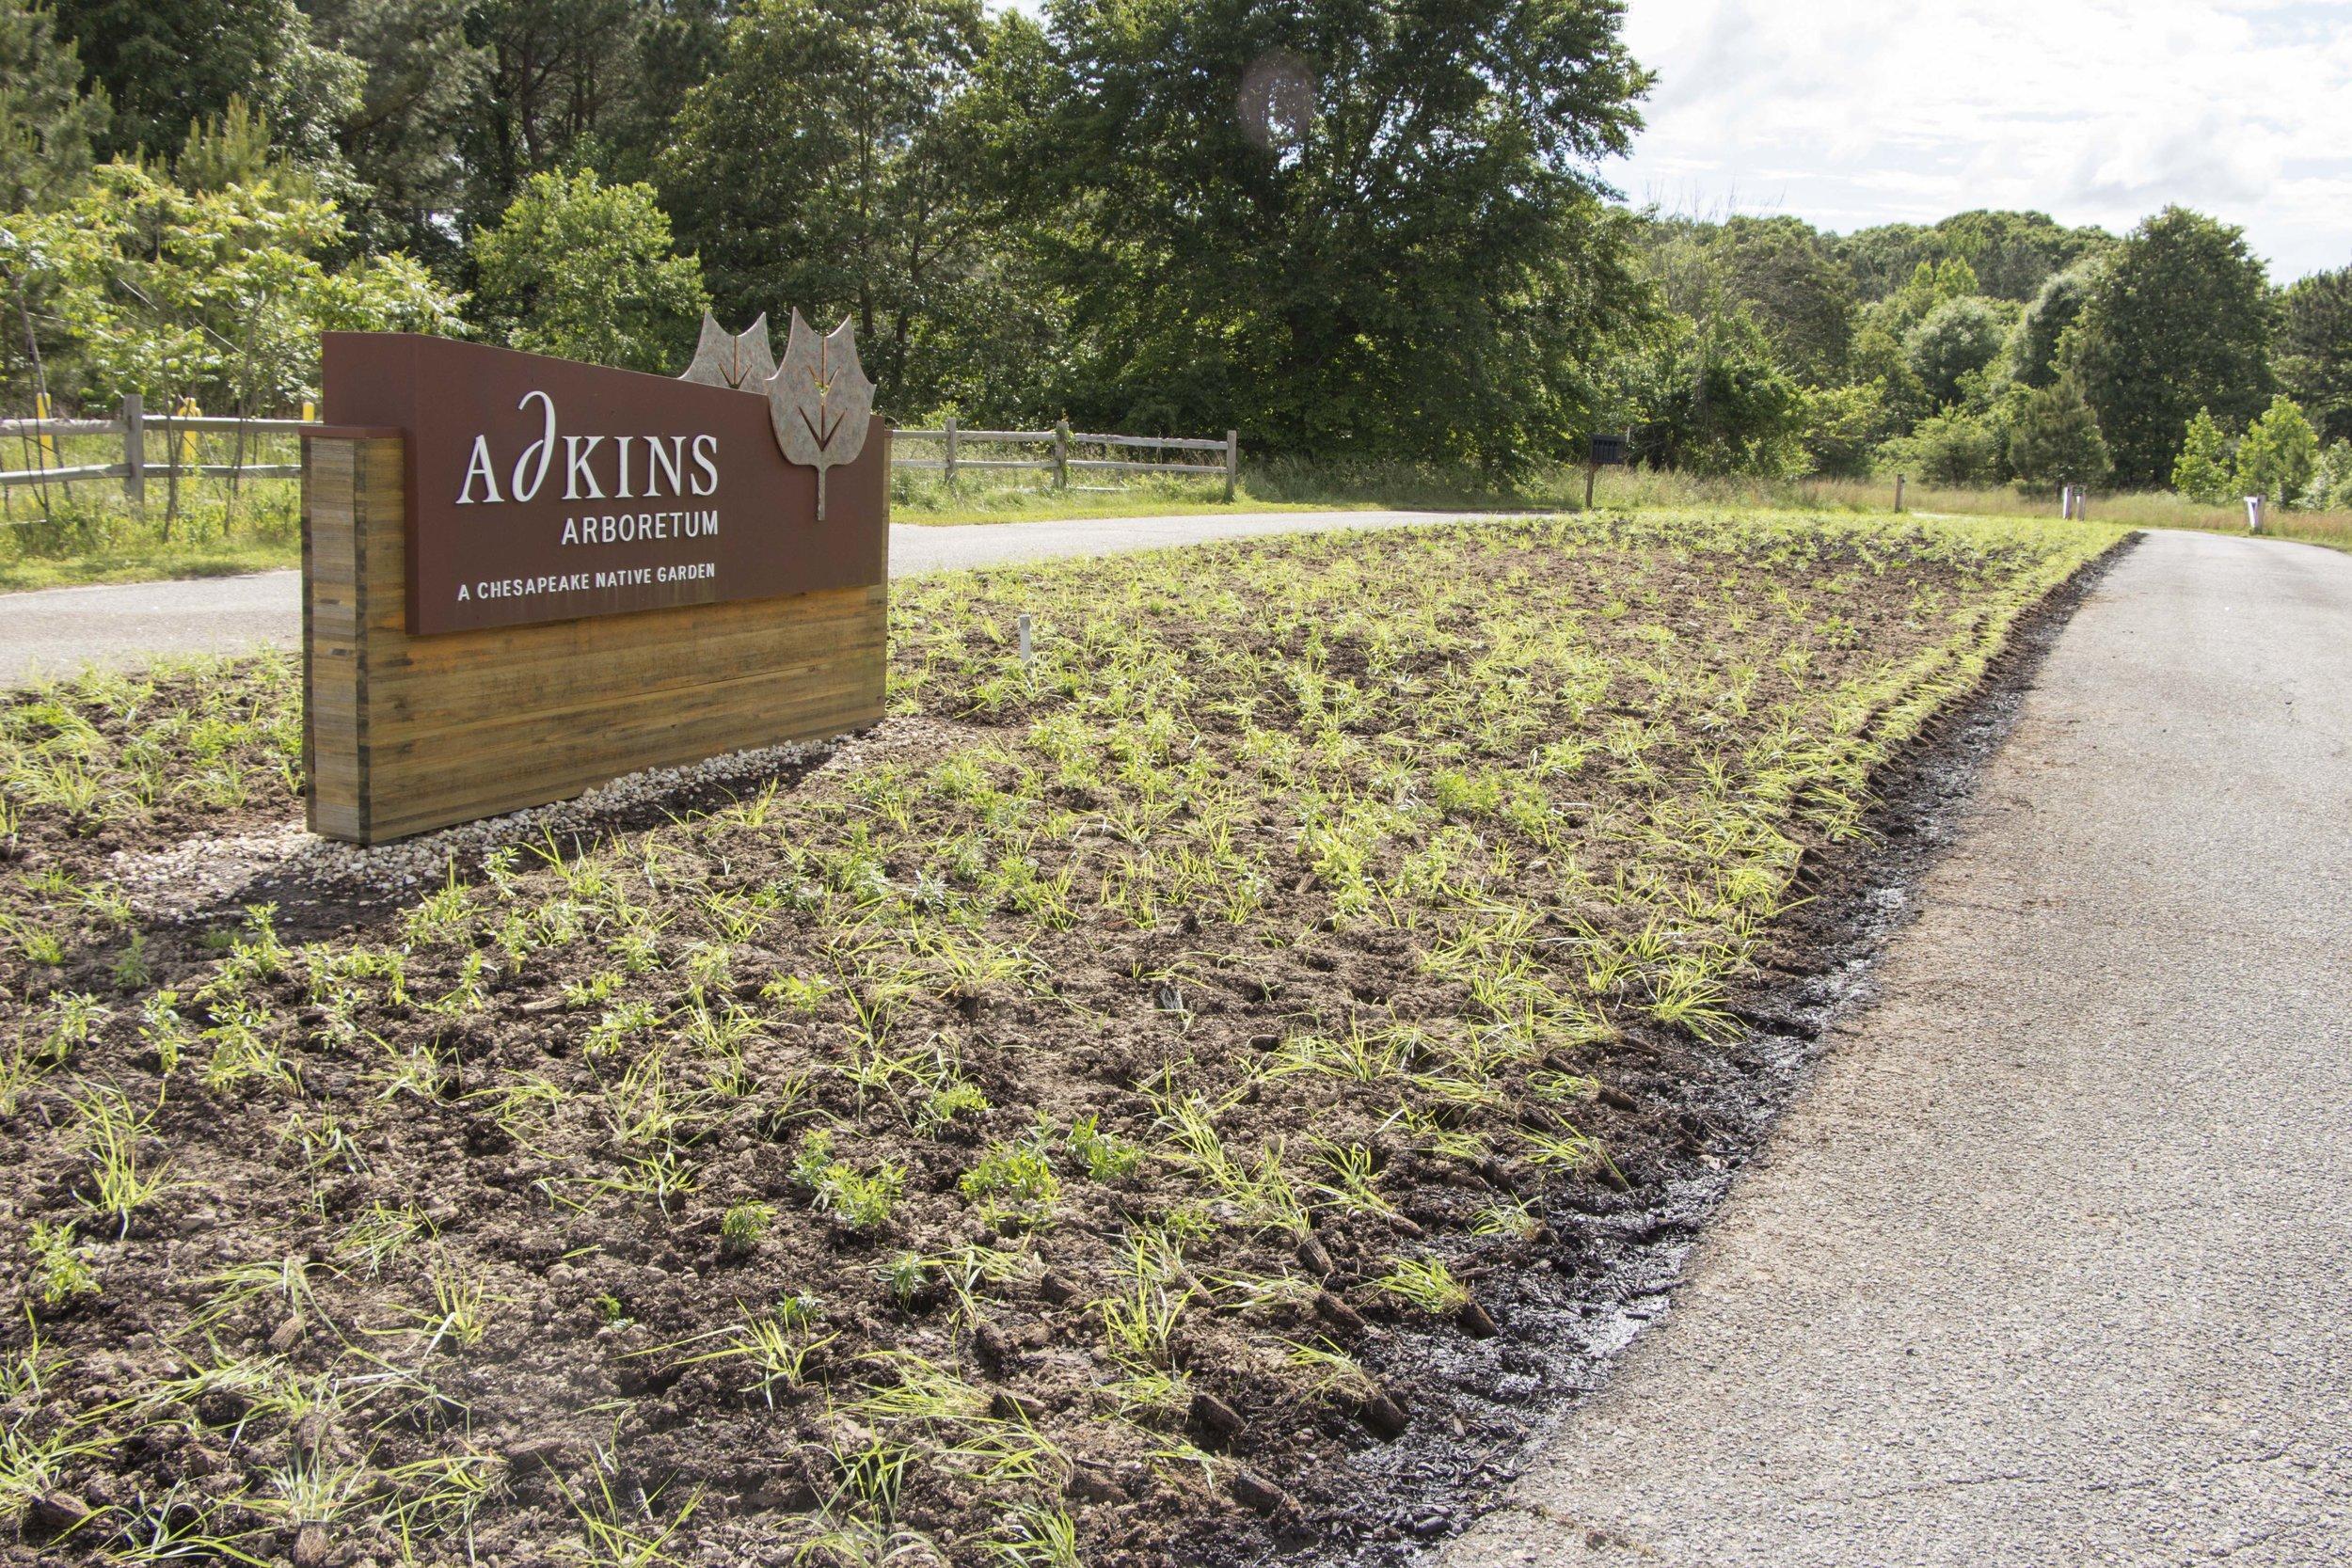 Adkins Arboretum meadow